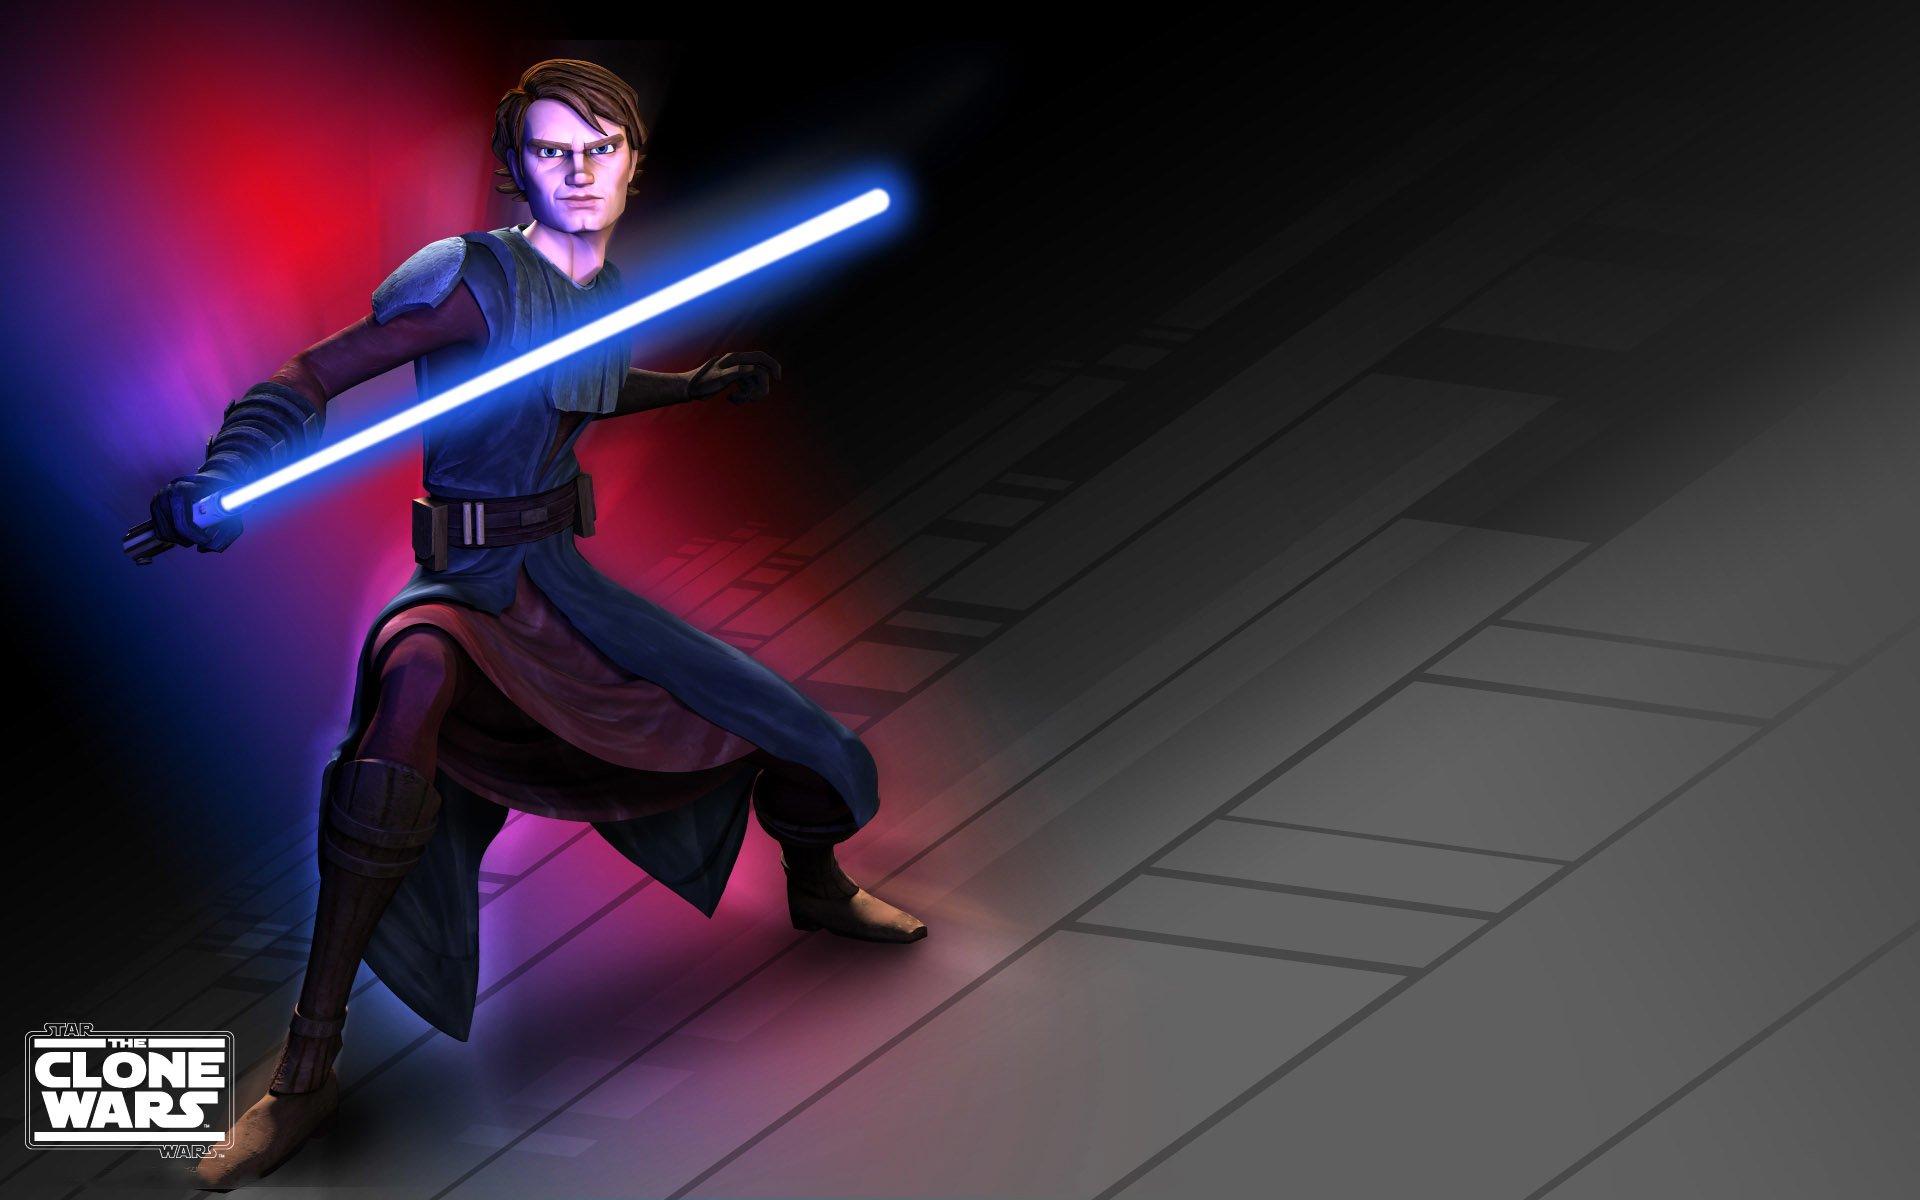 Star Wars The Clone Wars Wallpaper And Hintergrund